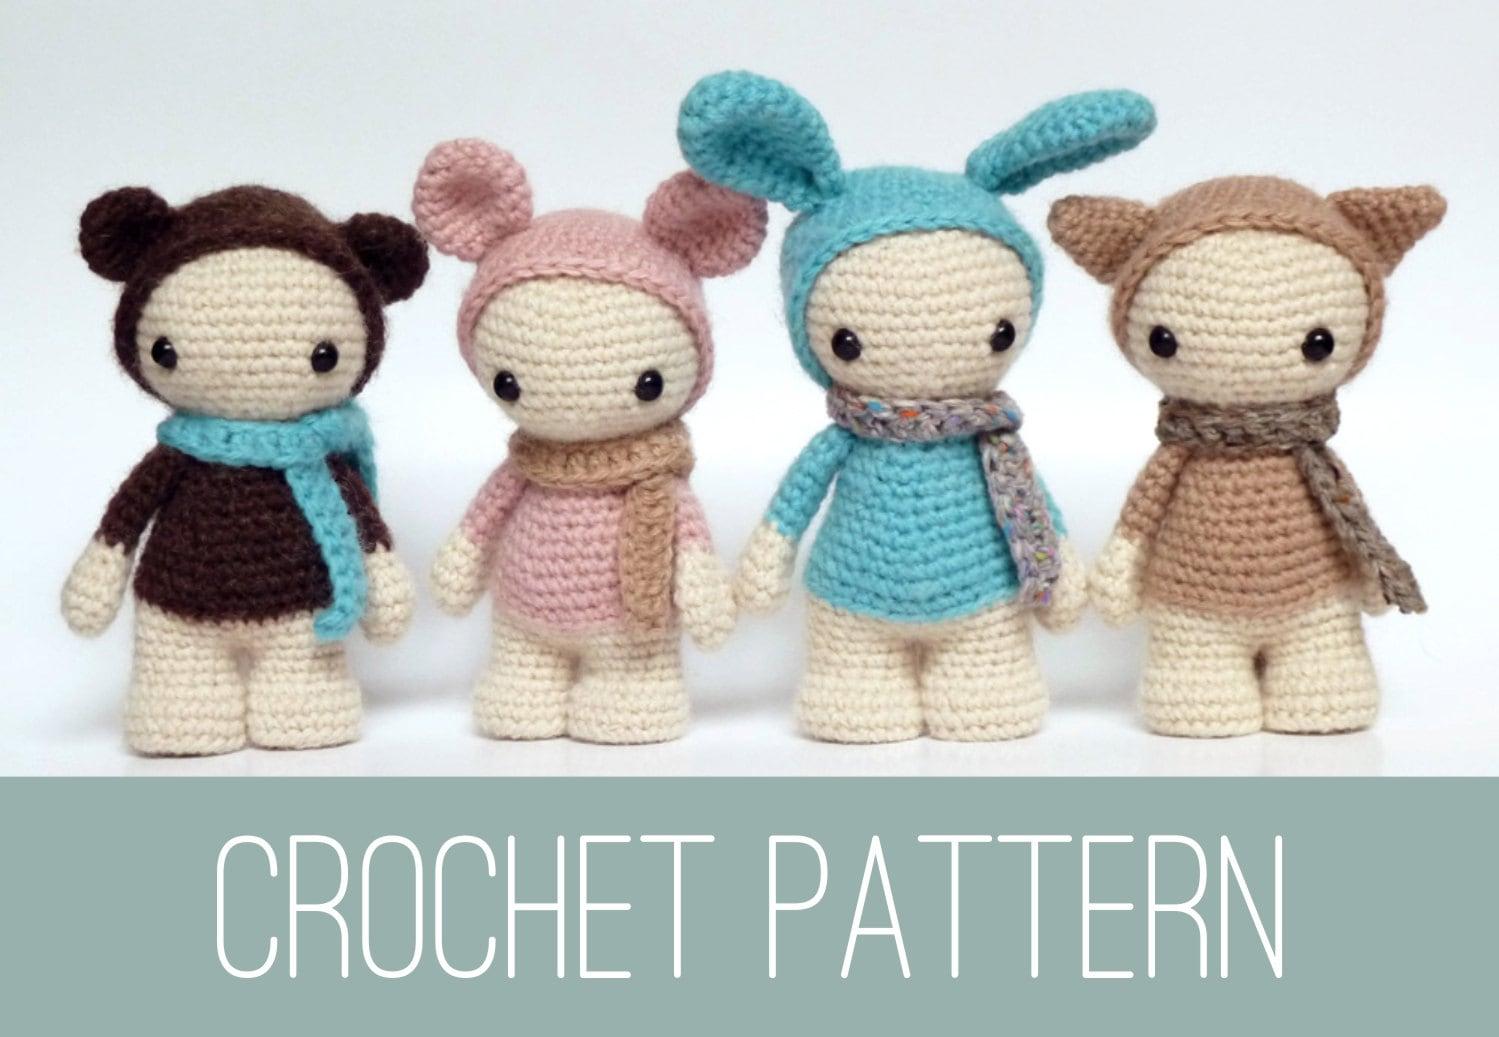 Easy Amigurumi Crochet Patterns : Amigurumi doll crochet pattern crochet dolls pattern